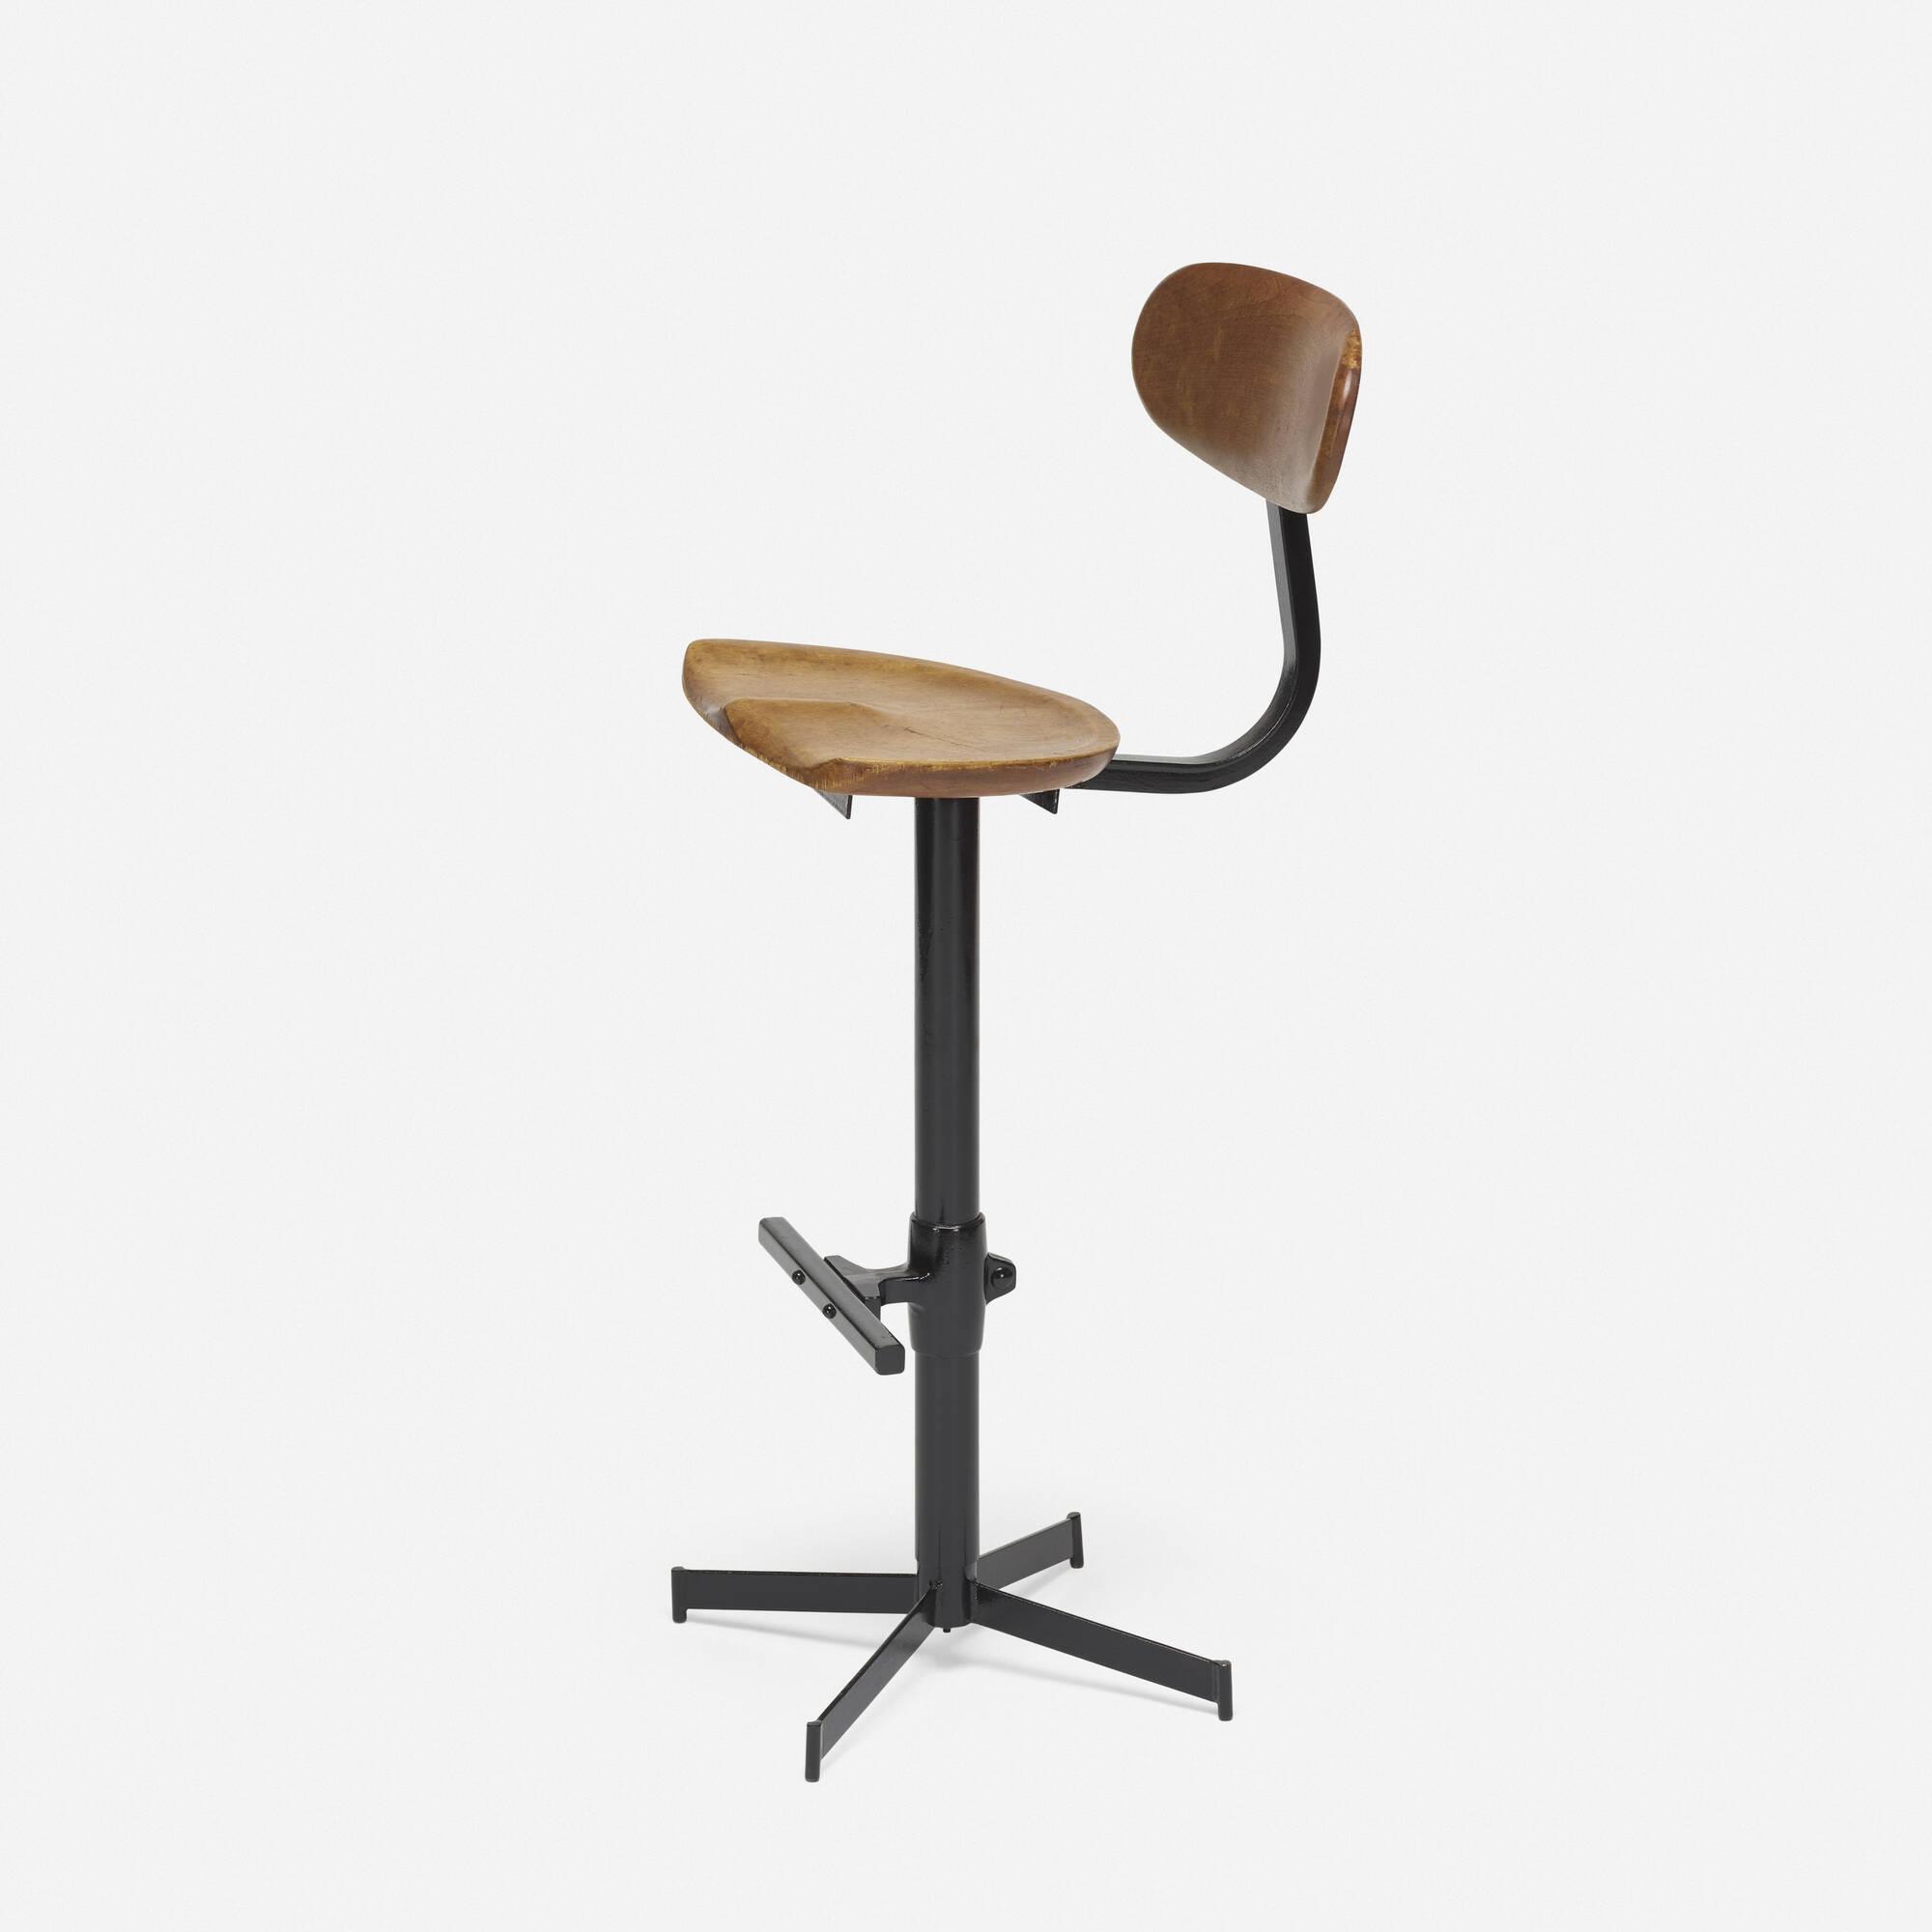 160: American / adjustable stool (1 of 2)